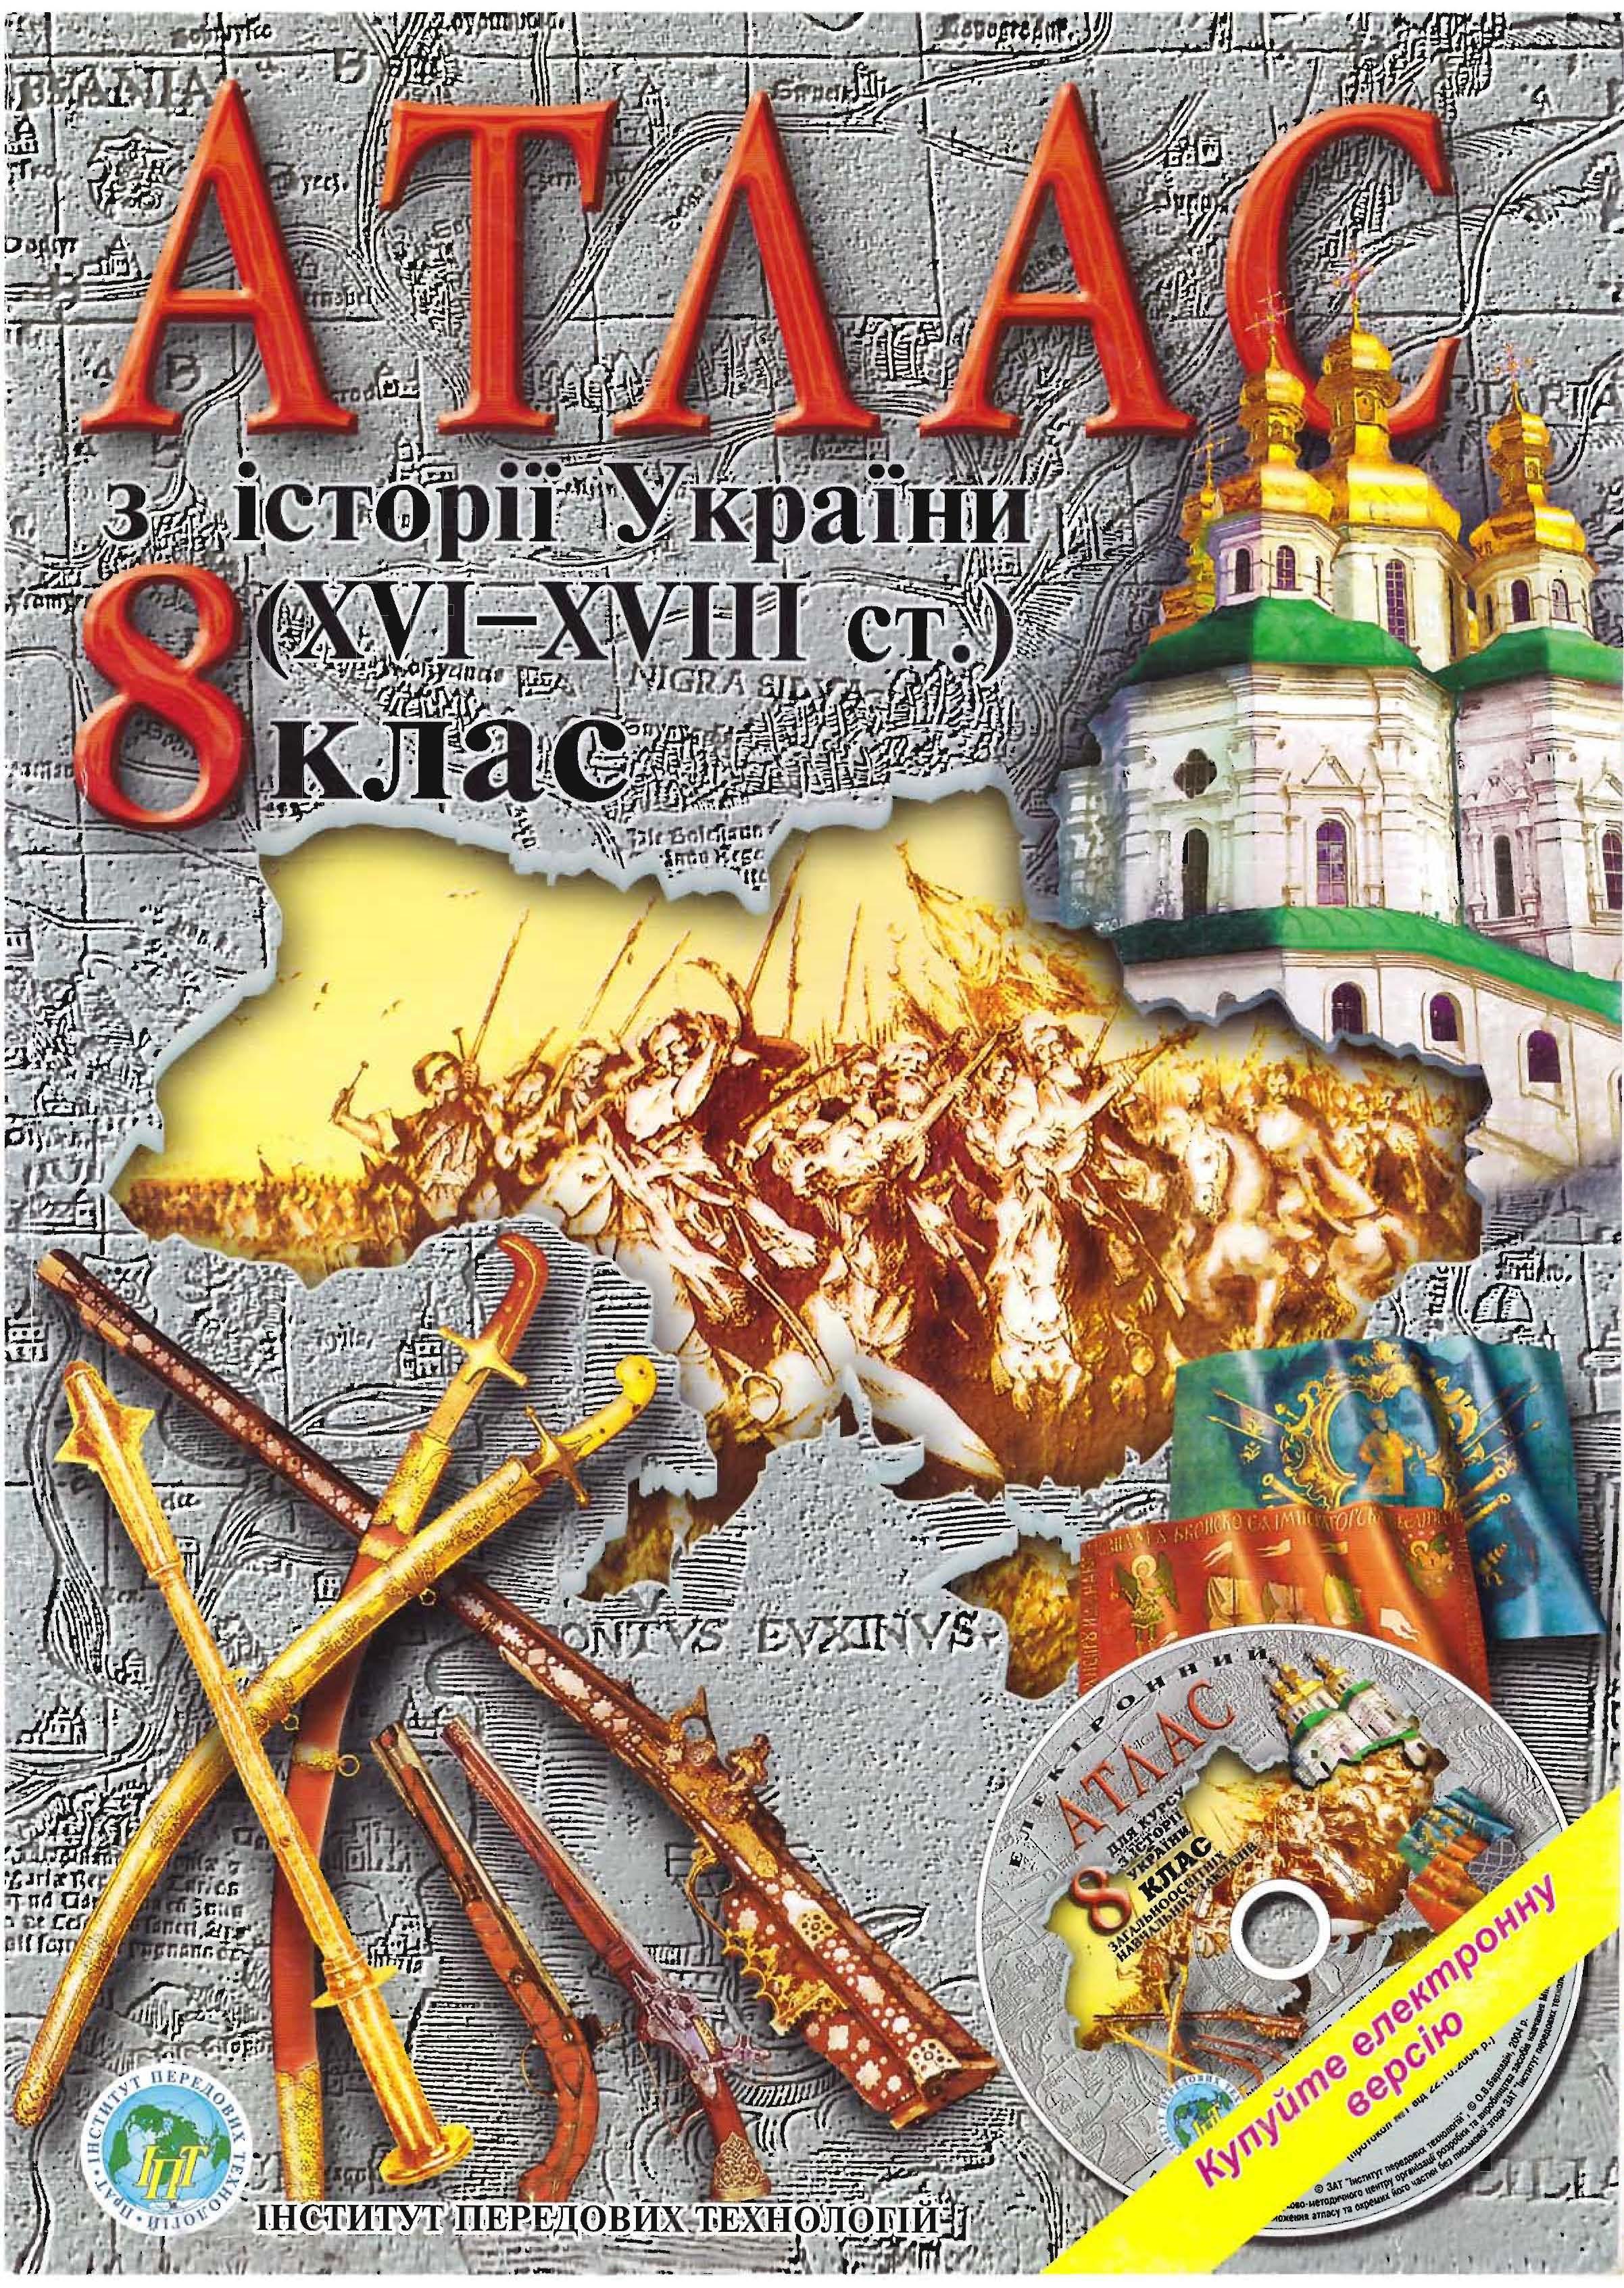 Картинки по запросу Нова історії (XVI-XVIII ст.) 8 клас Електронний атлас ІПТ